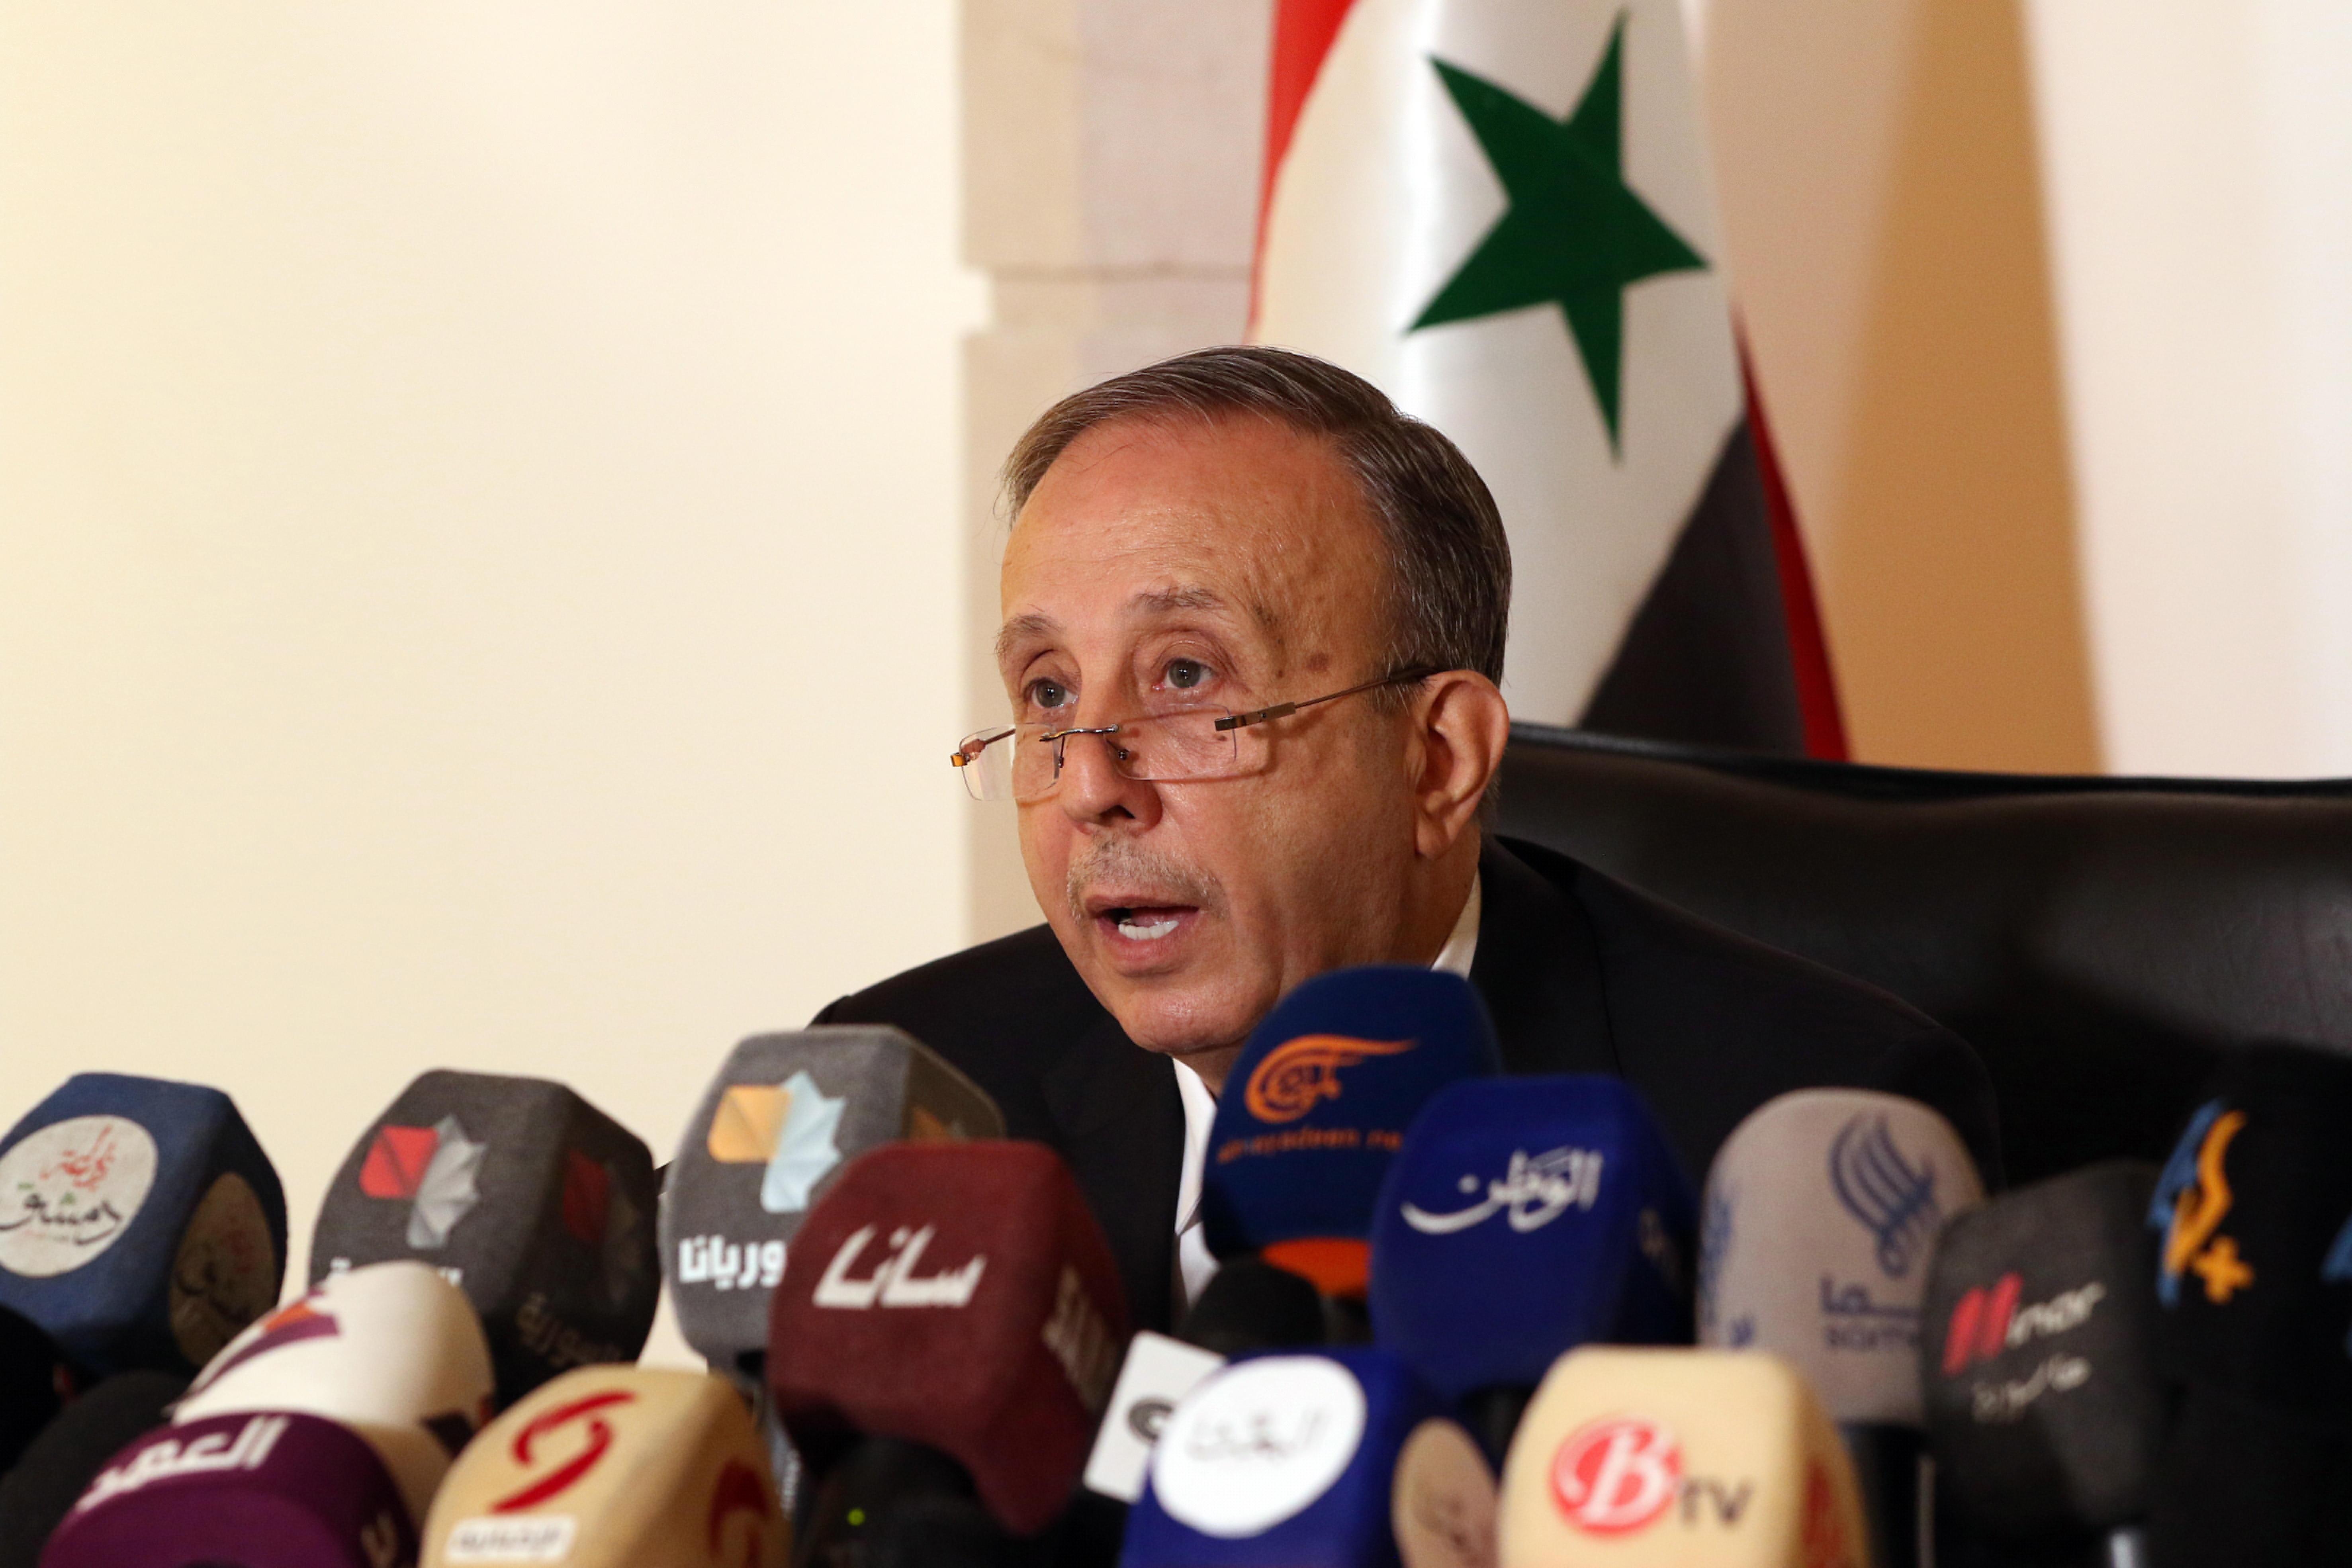 El presidente del Tribunal Constitucional Supremo, Jihad al Laham.